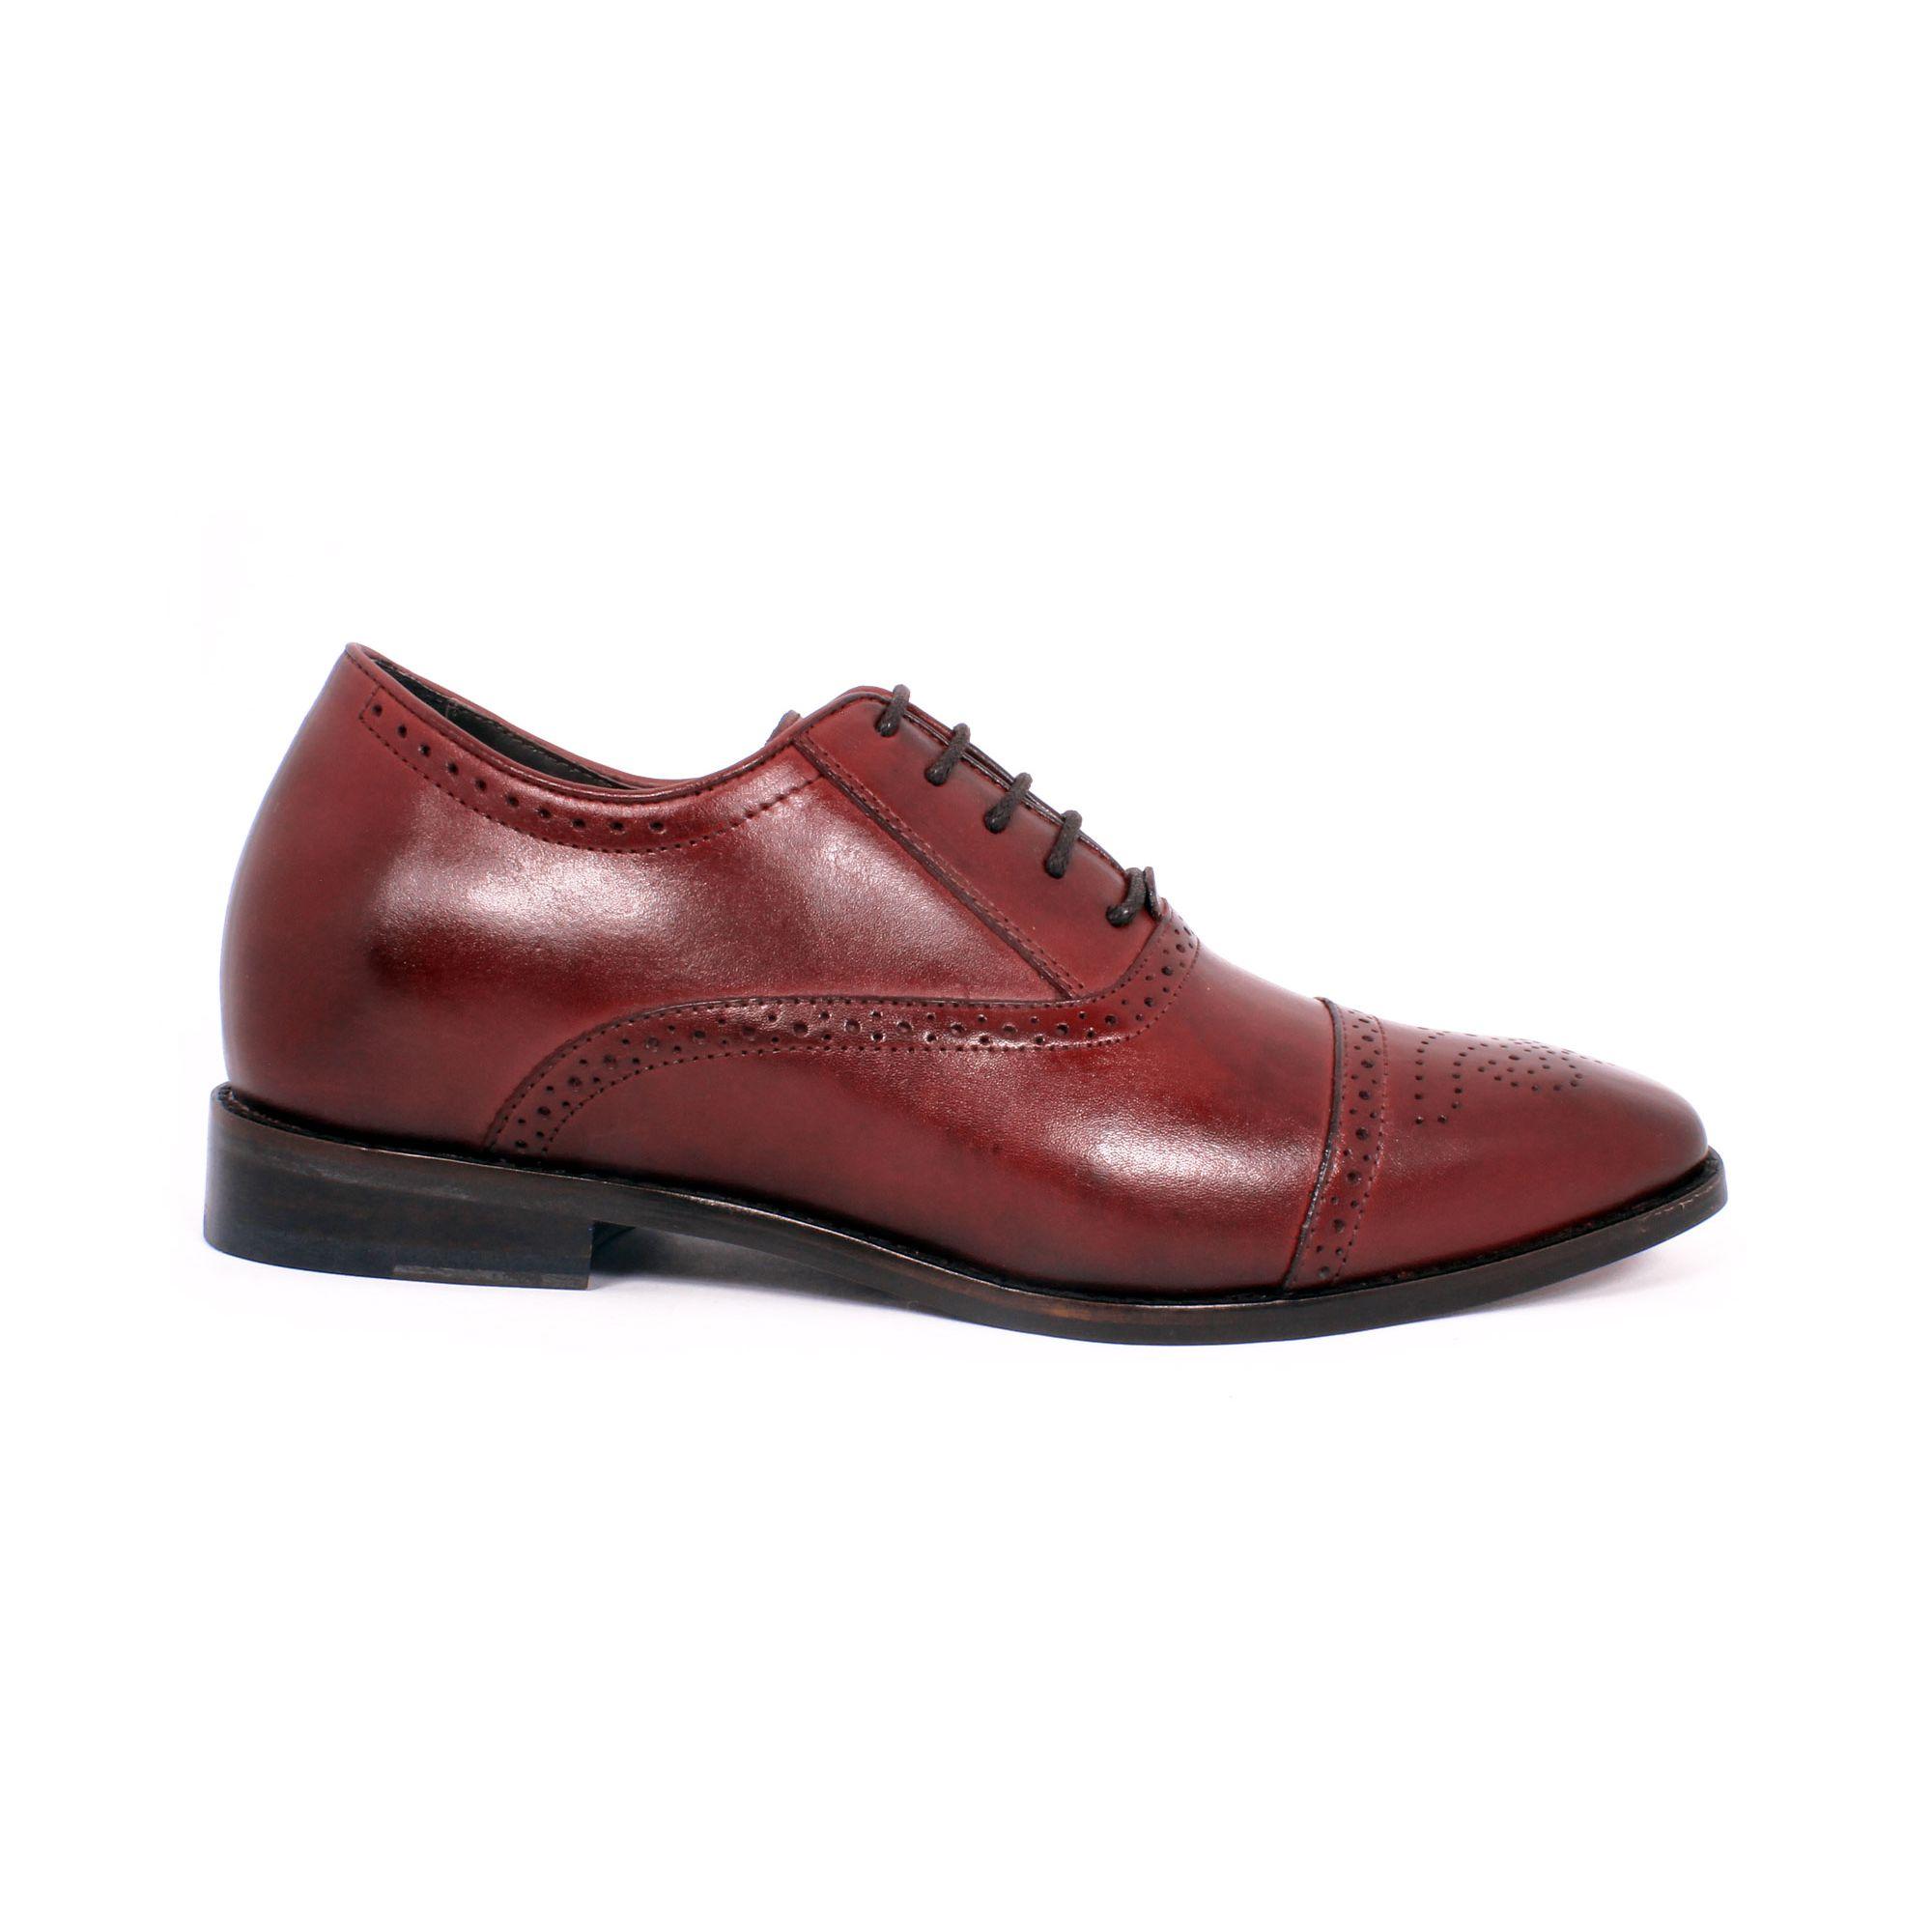 Zapato Formal British Vino Max Denegri +7cms de Altura_70788